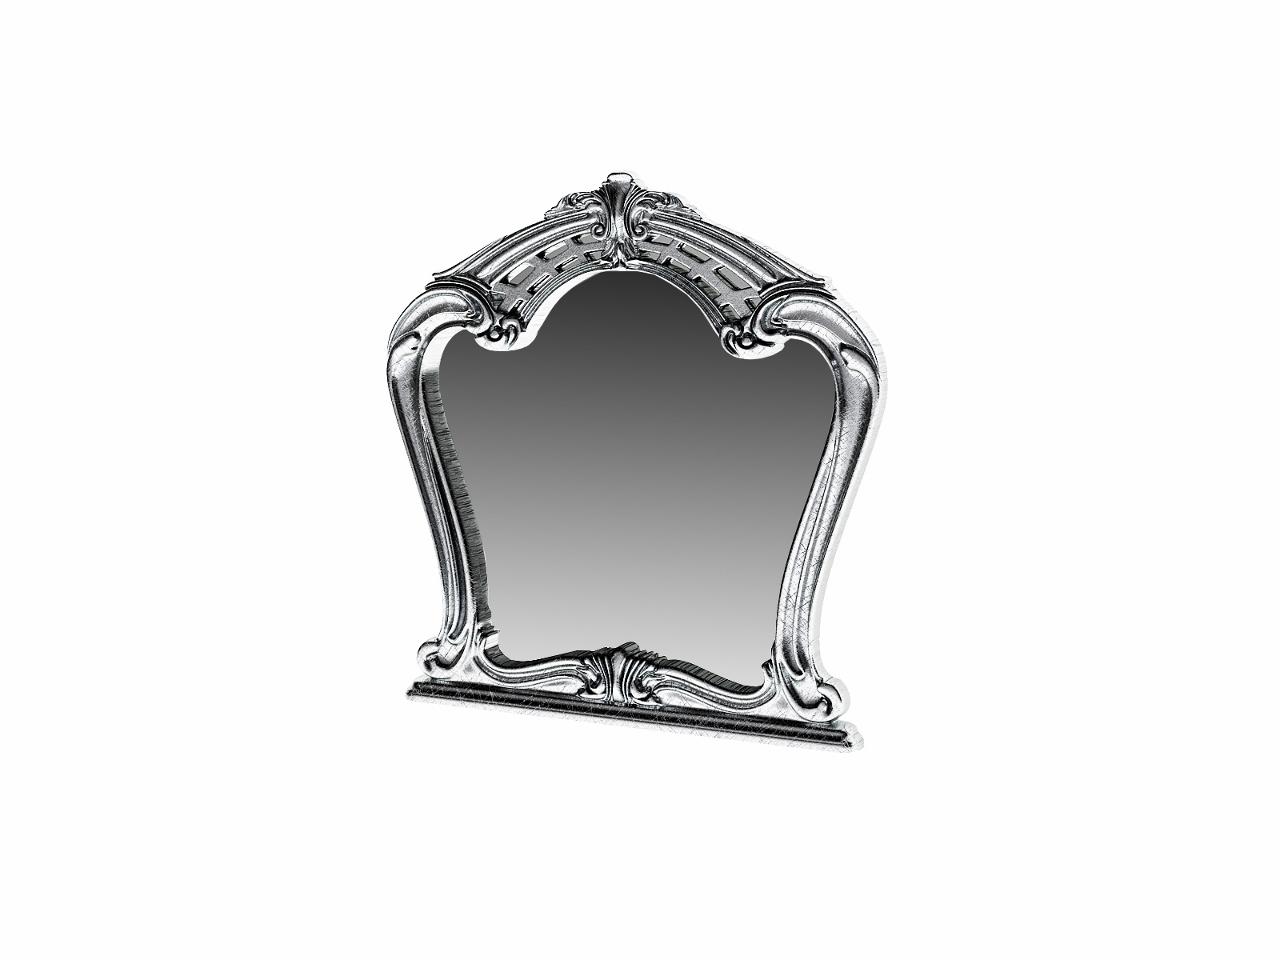 Barock Spiegel Julianna im Glanzrahmen Schwarz-Silber